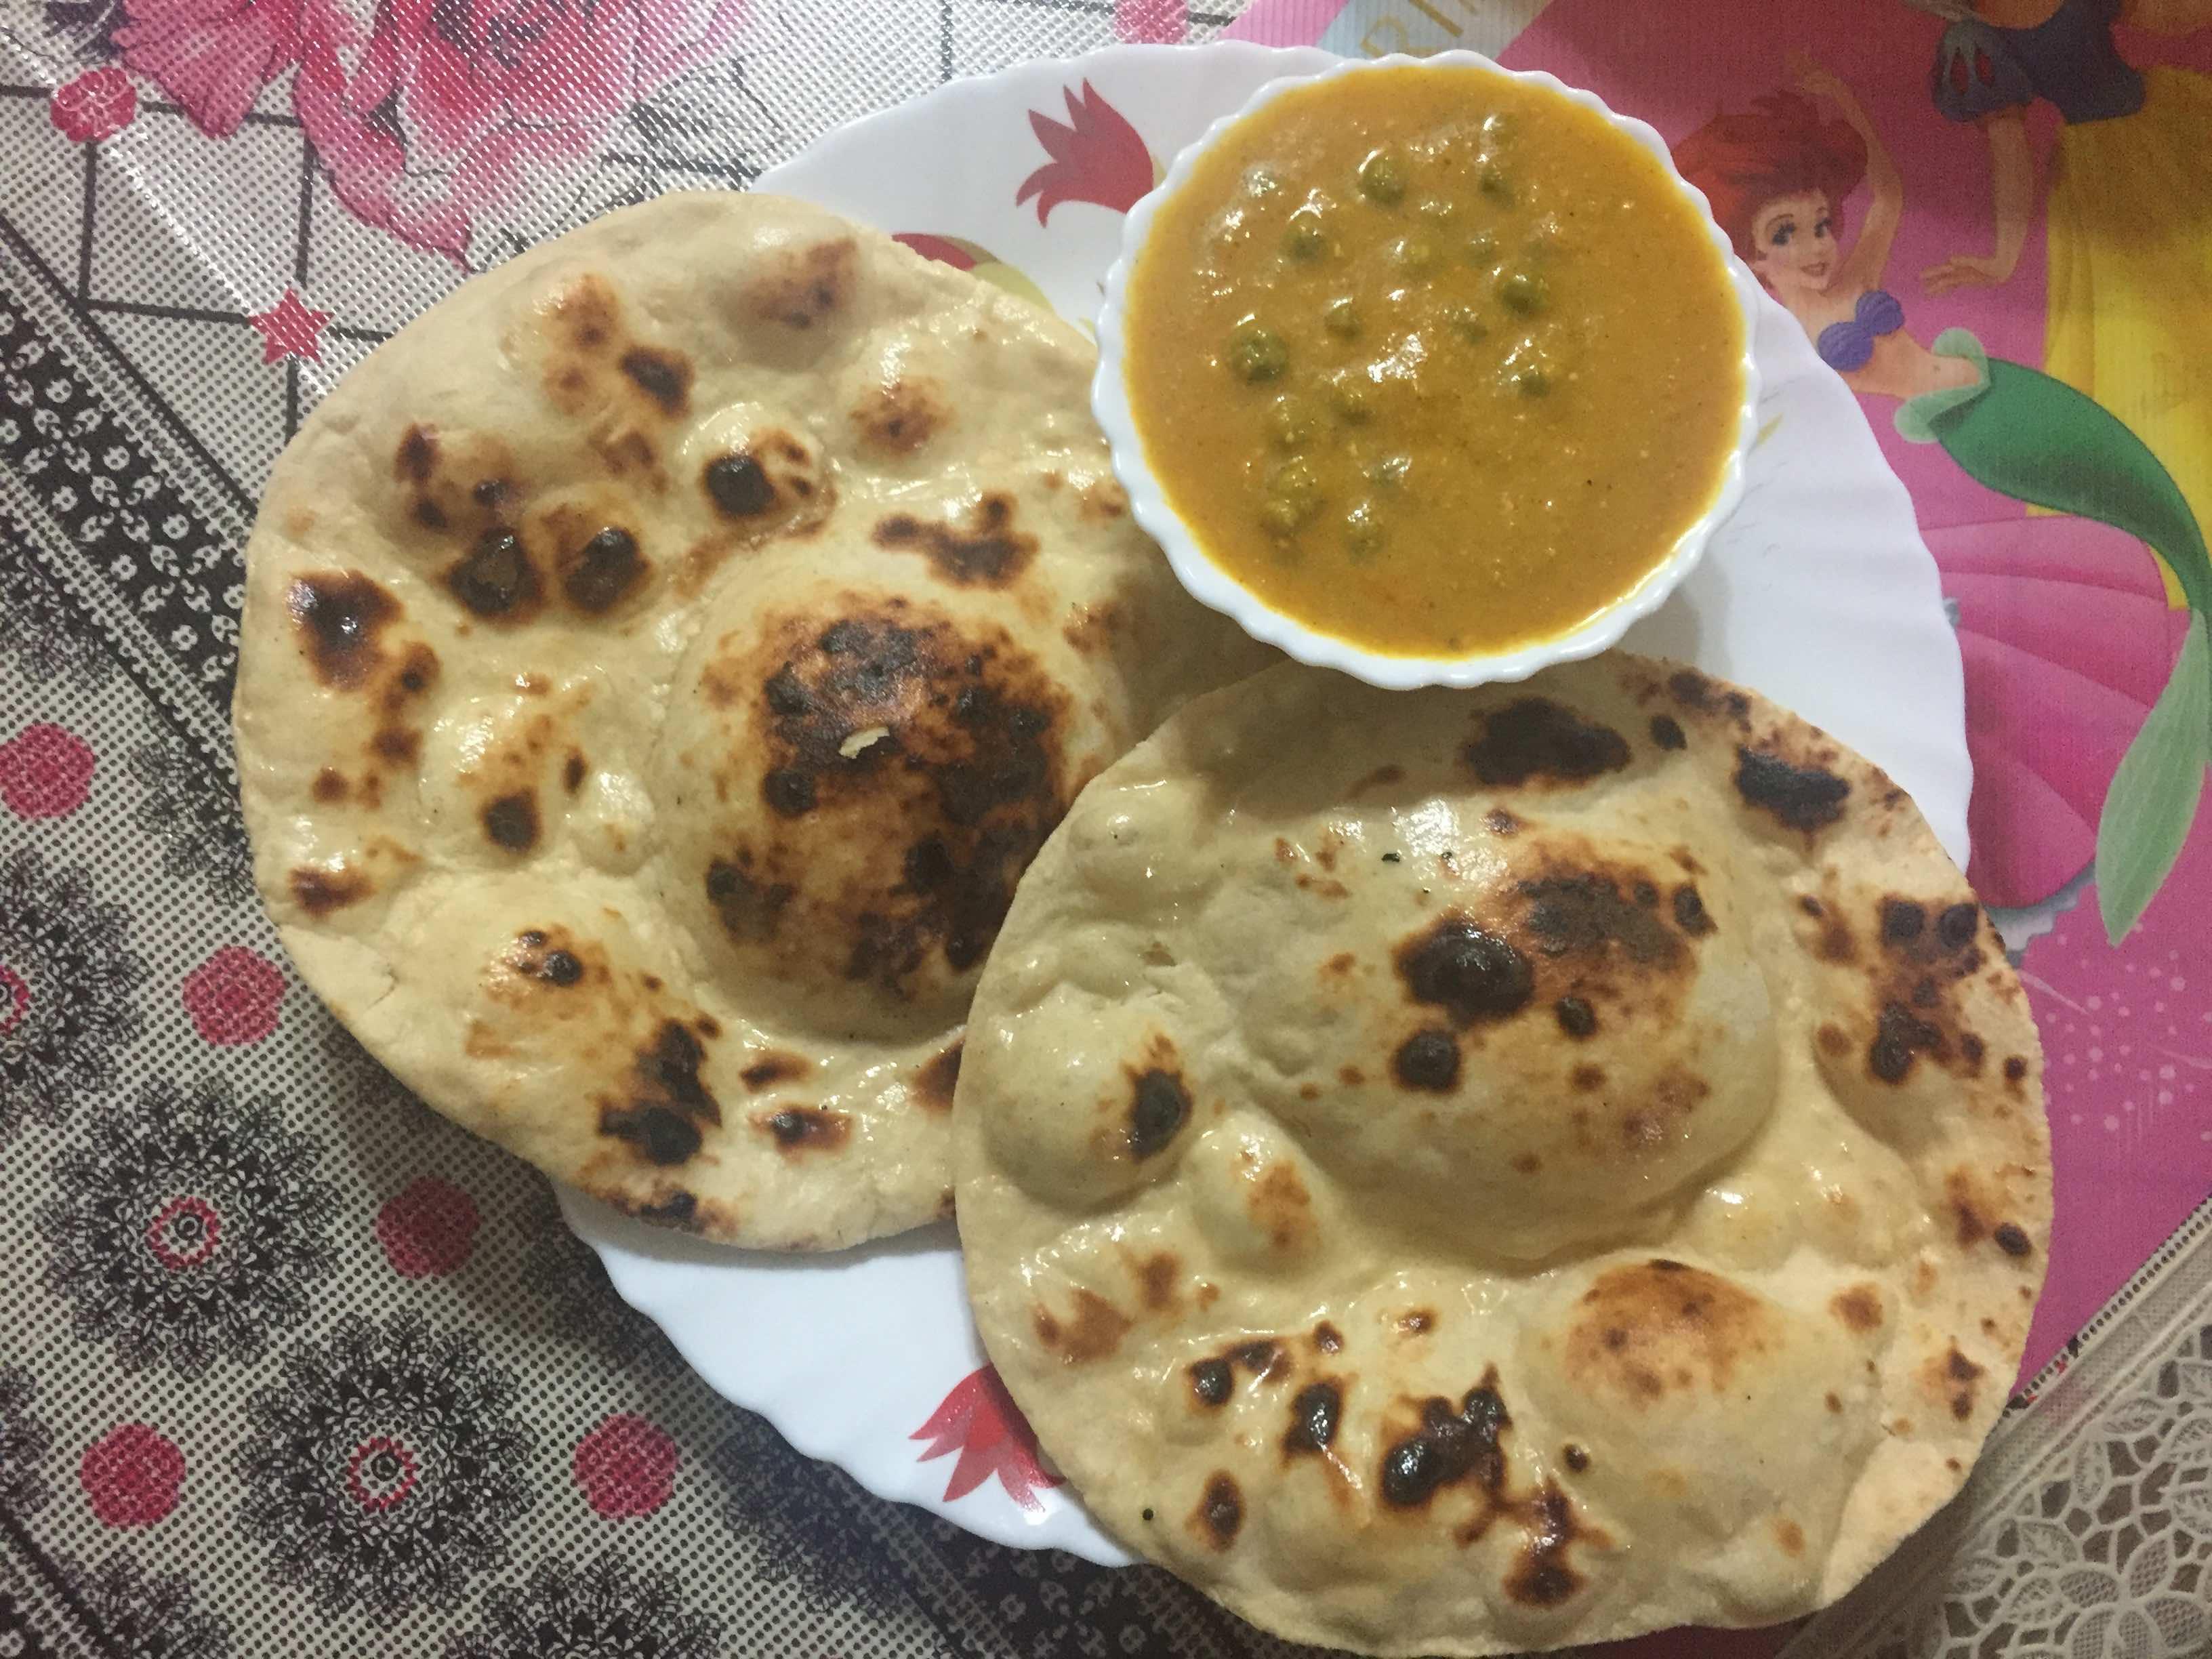 Tandoori Wheat Naan using tawa.